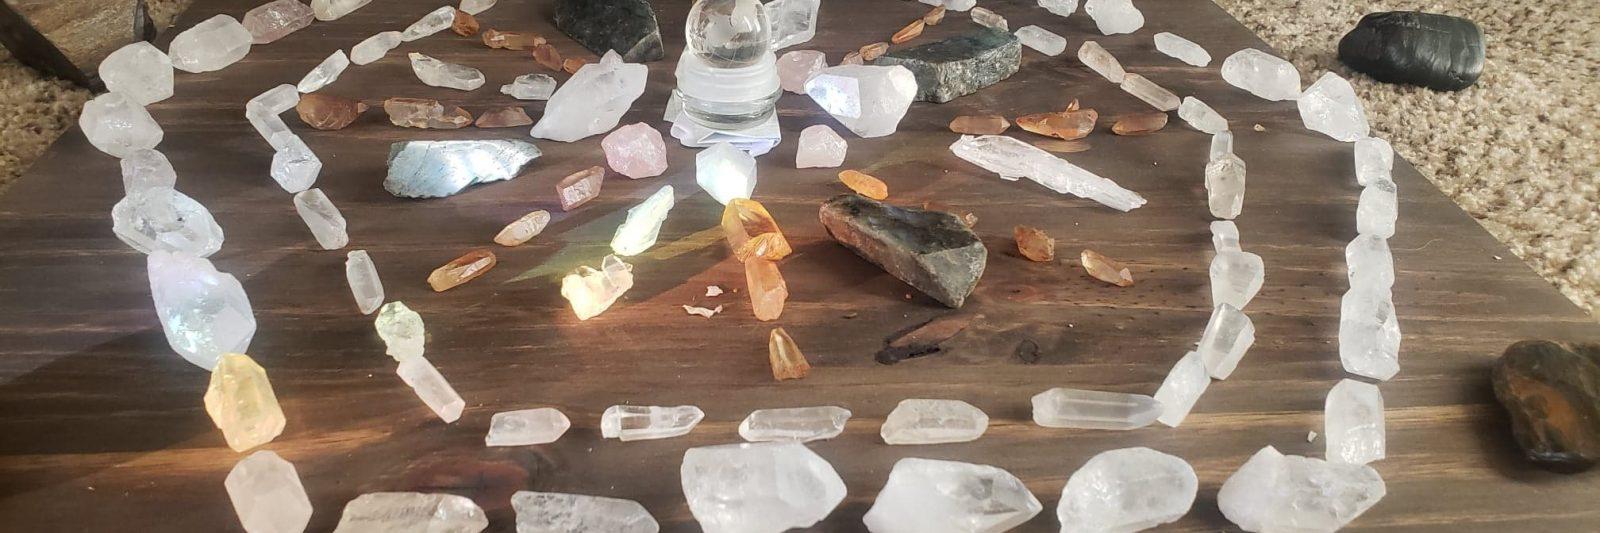 Crystal Healing Concepts Arizona crystal Layout